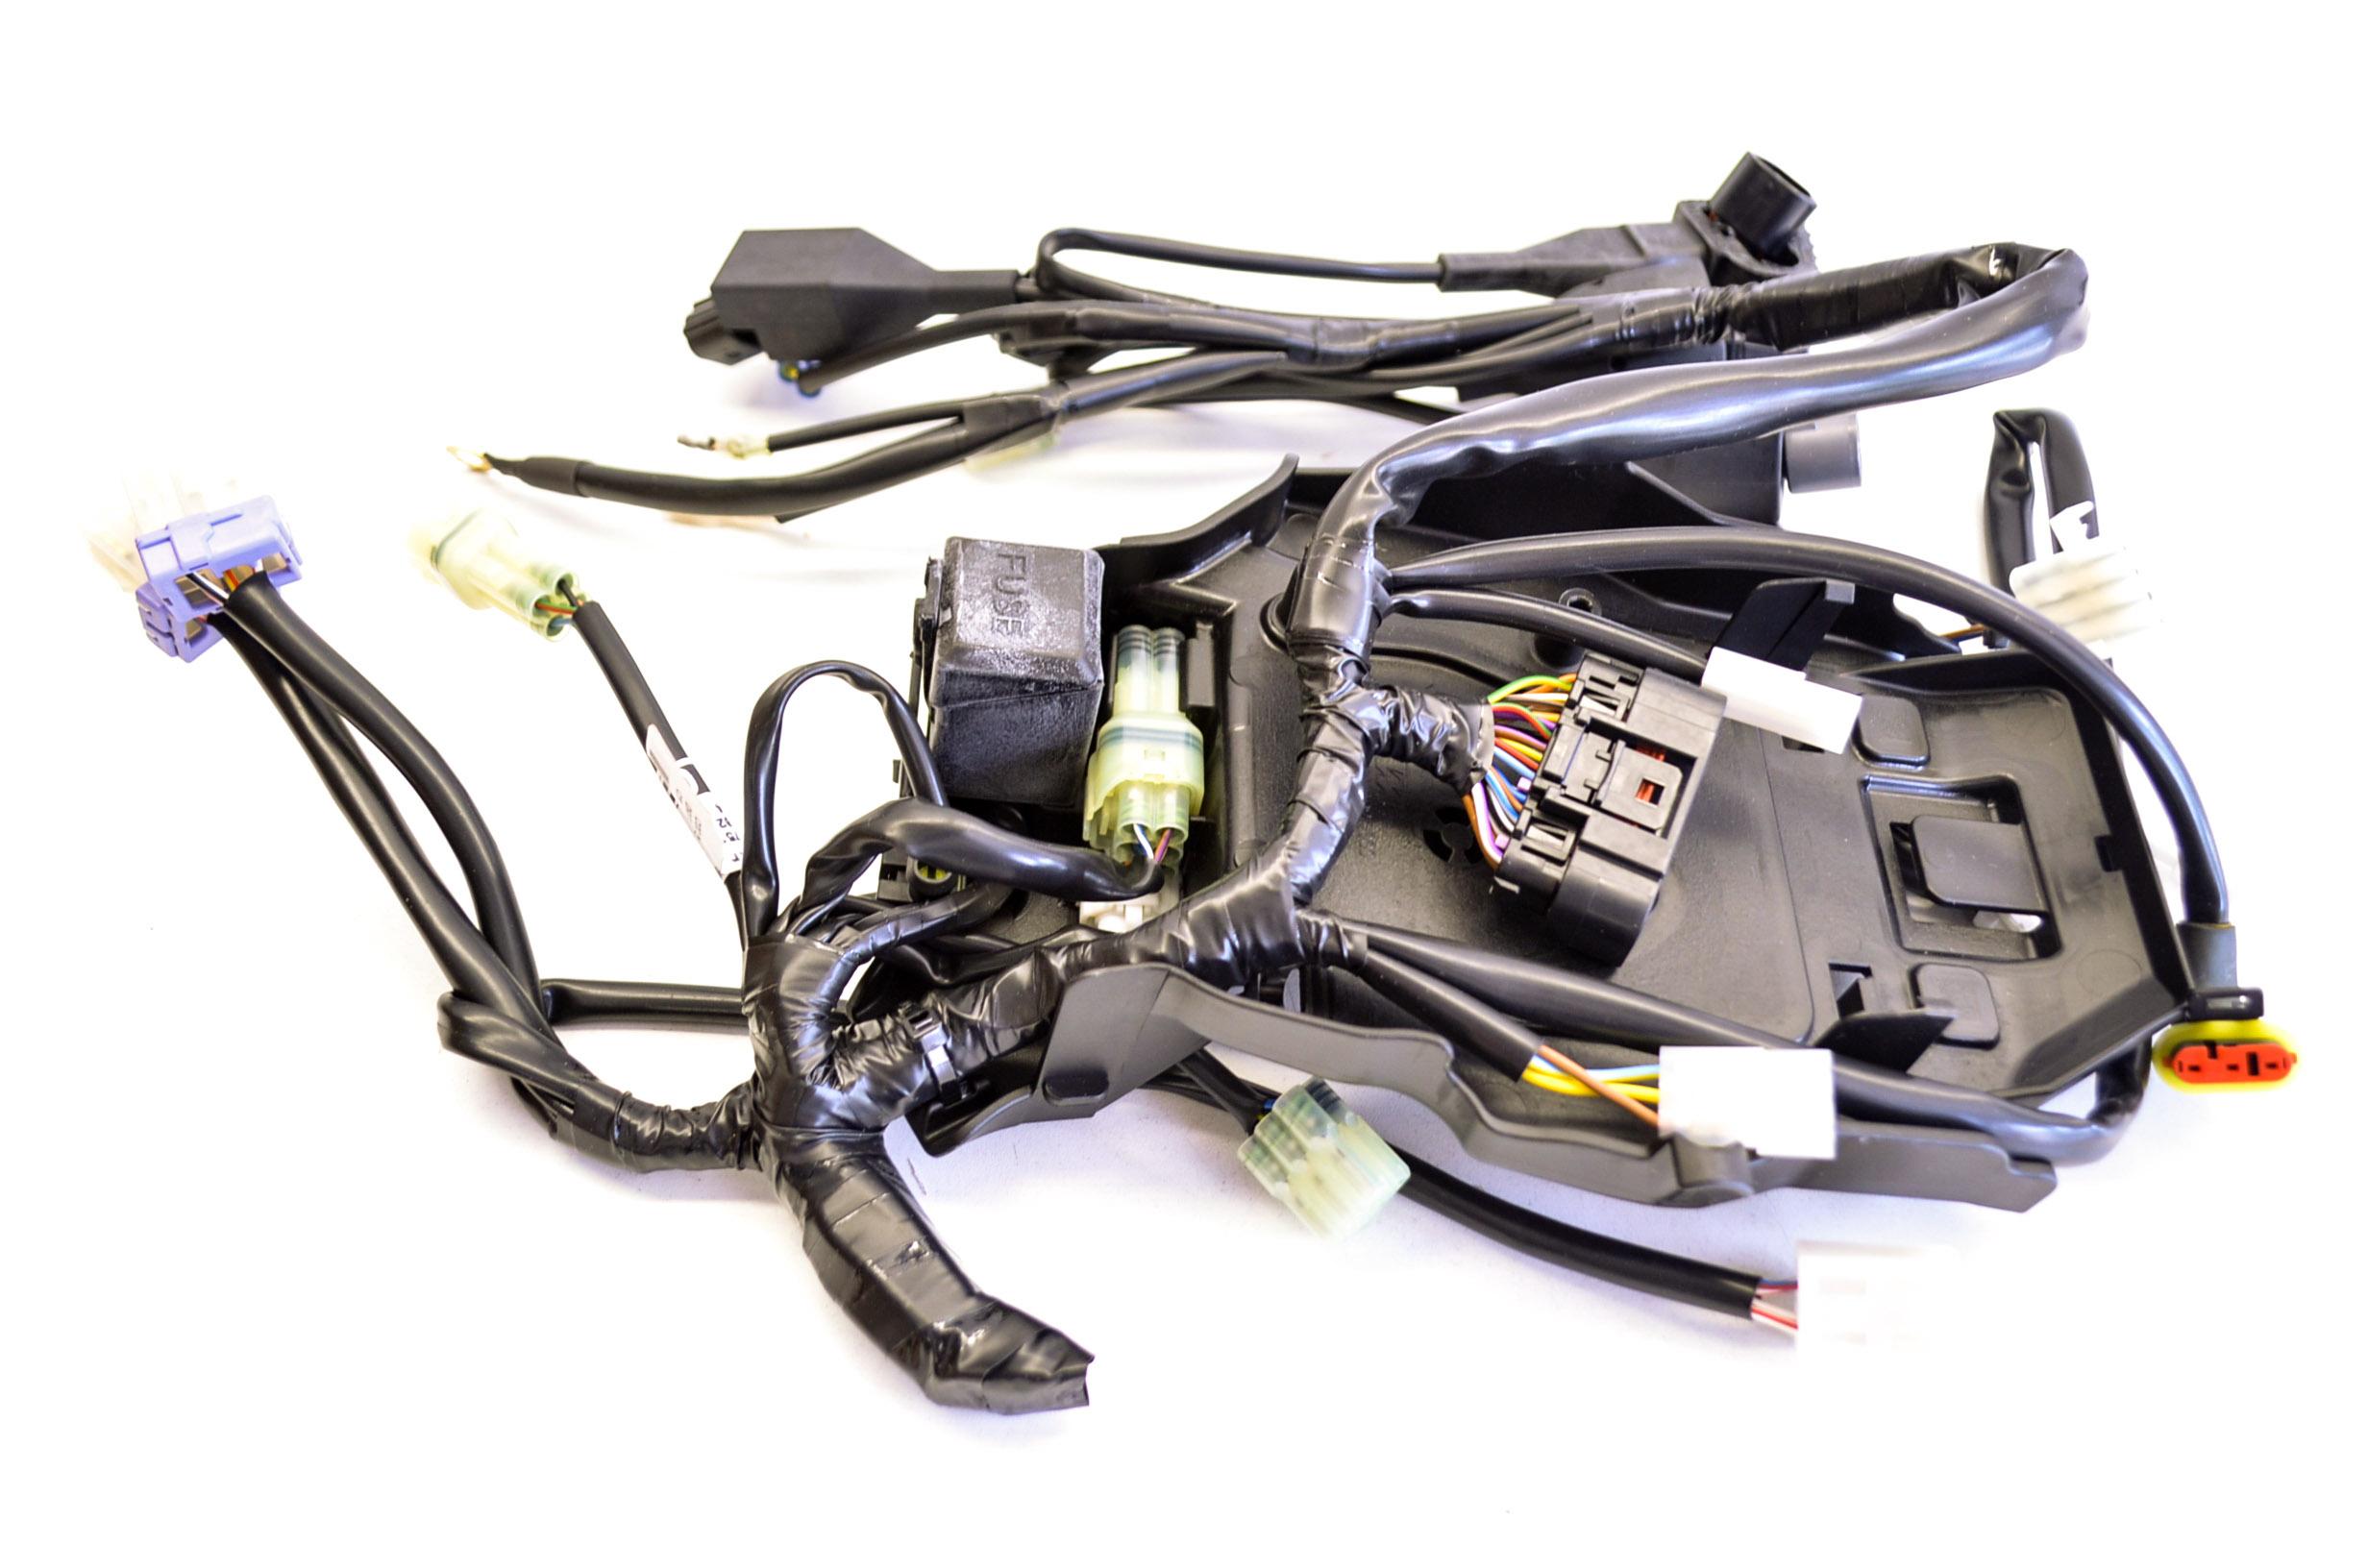 ktm wiring harness new oem ktm wiring harness nos | ebay #7